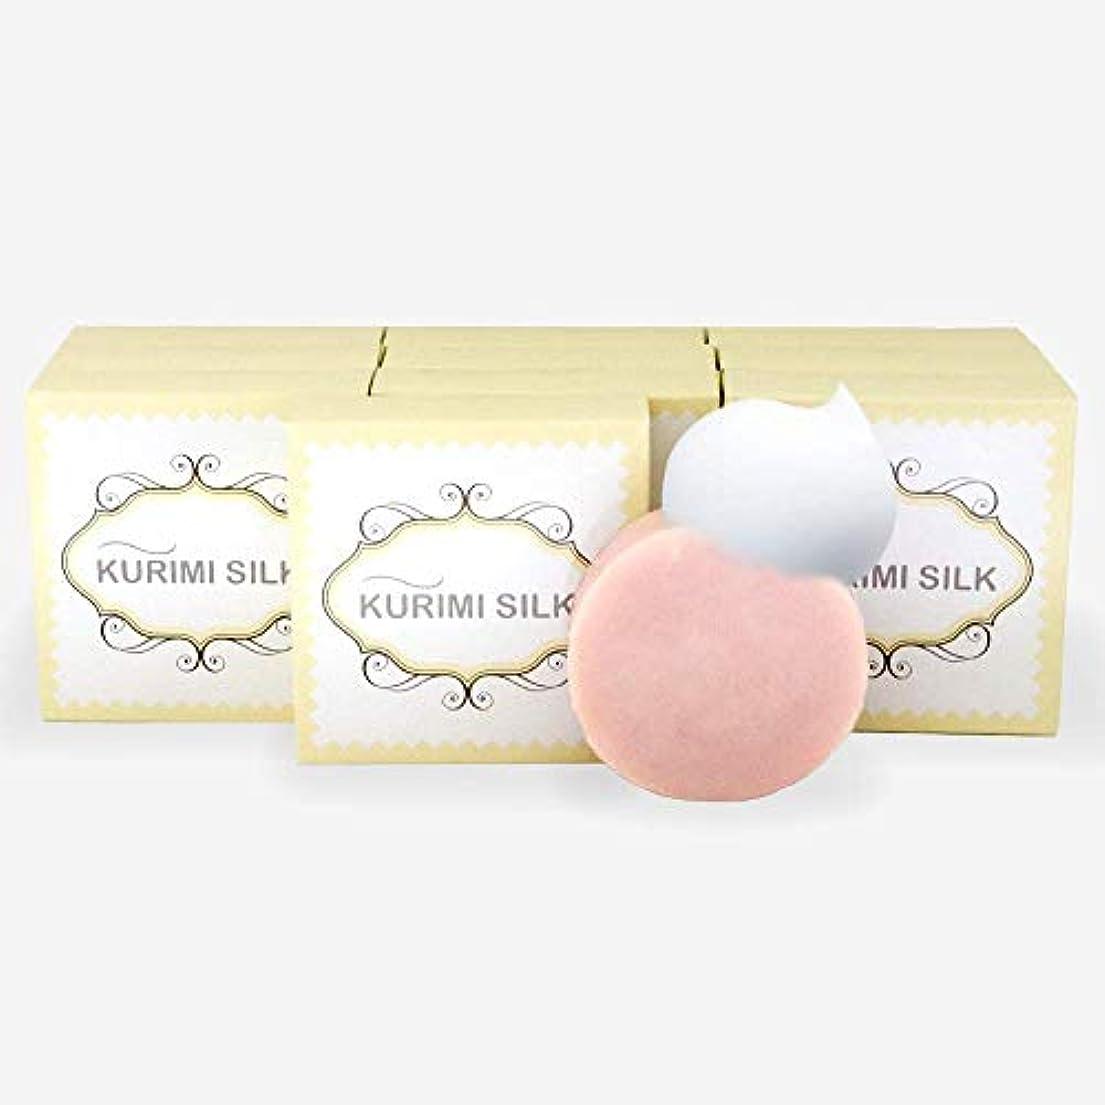 真っ逆さま派生する硬いヒップ 背中 ニキビ 角質 美白 保湿 体臭 ケア KURIMI SILK [ クリミシルク ] デオドラント 高級化粧石鹸/枠練り石鹸 80g(10個)